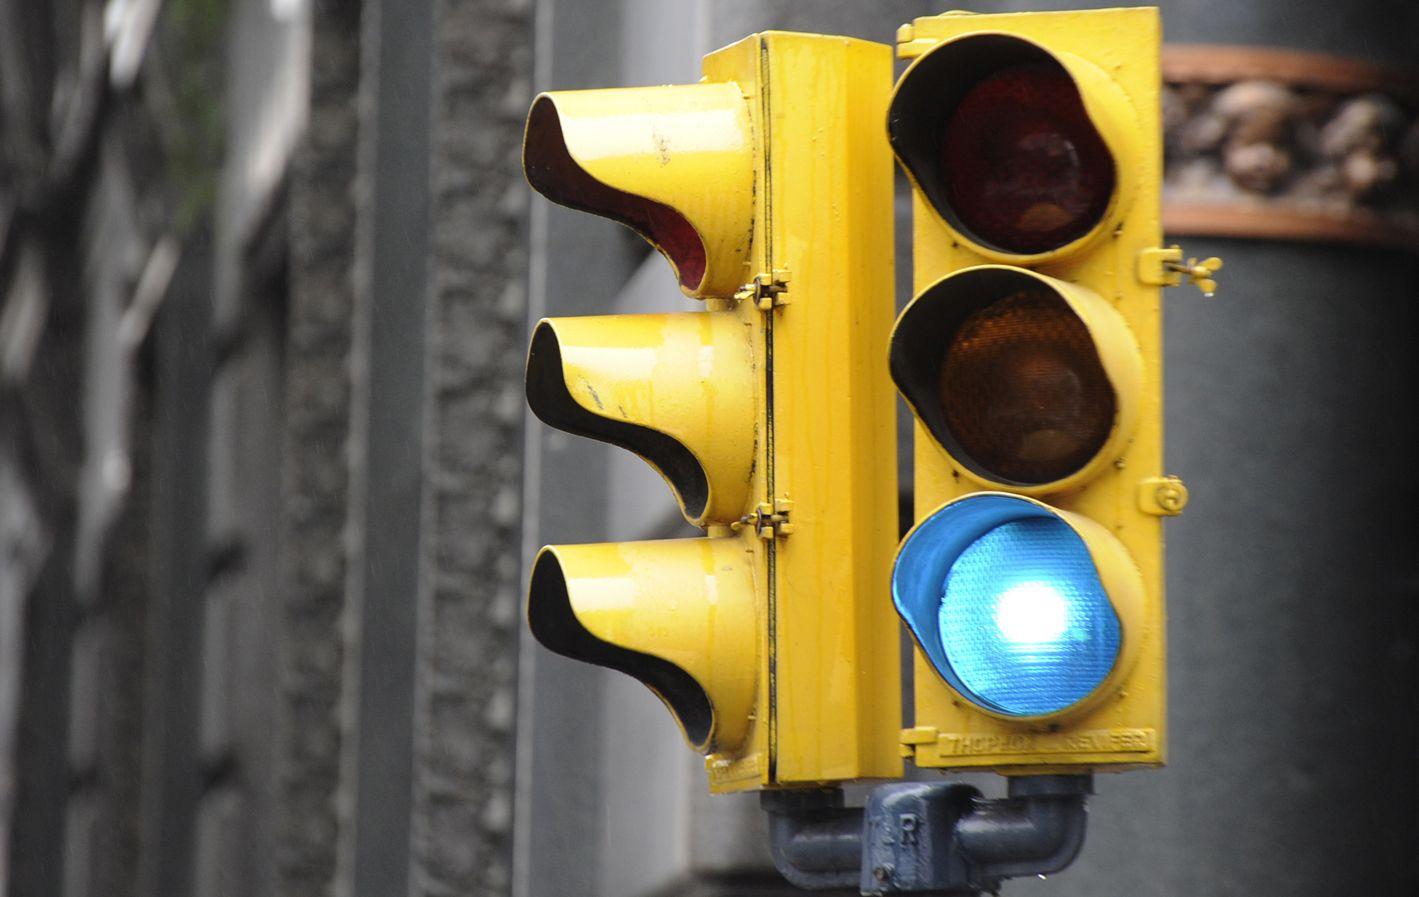 La firma que mantiene los semáforos solicitó permiso para importar 15 mil lámparas LED y sólo le habilitaron mil.